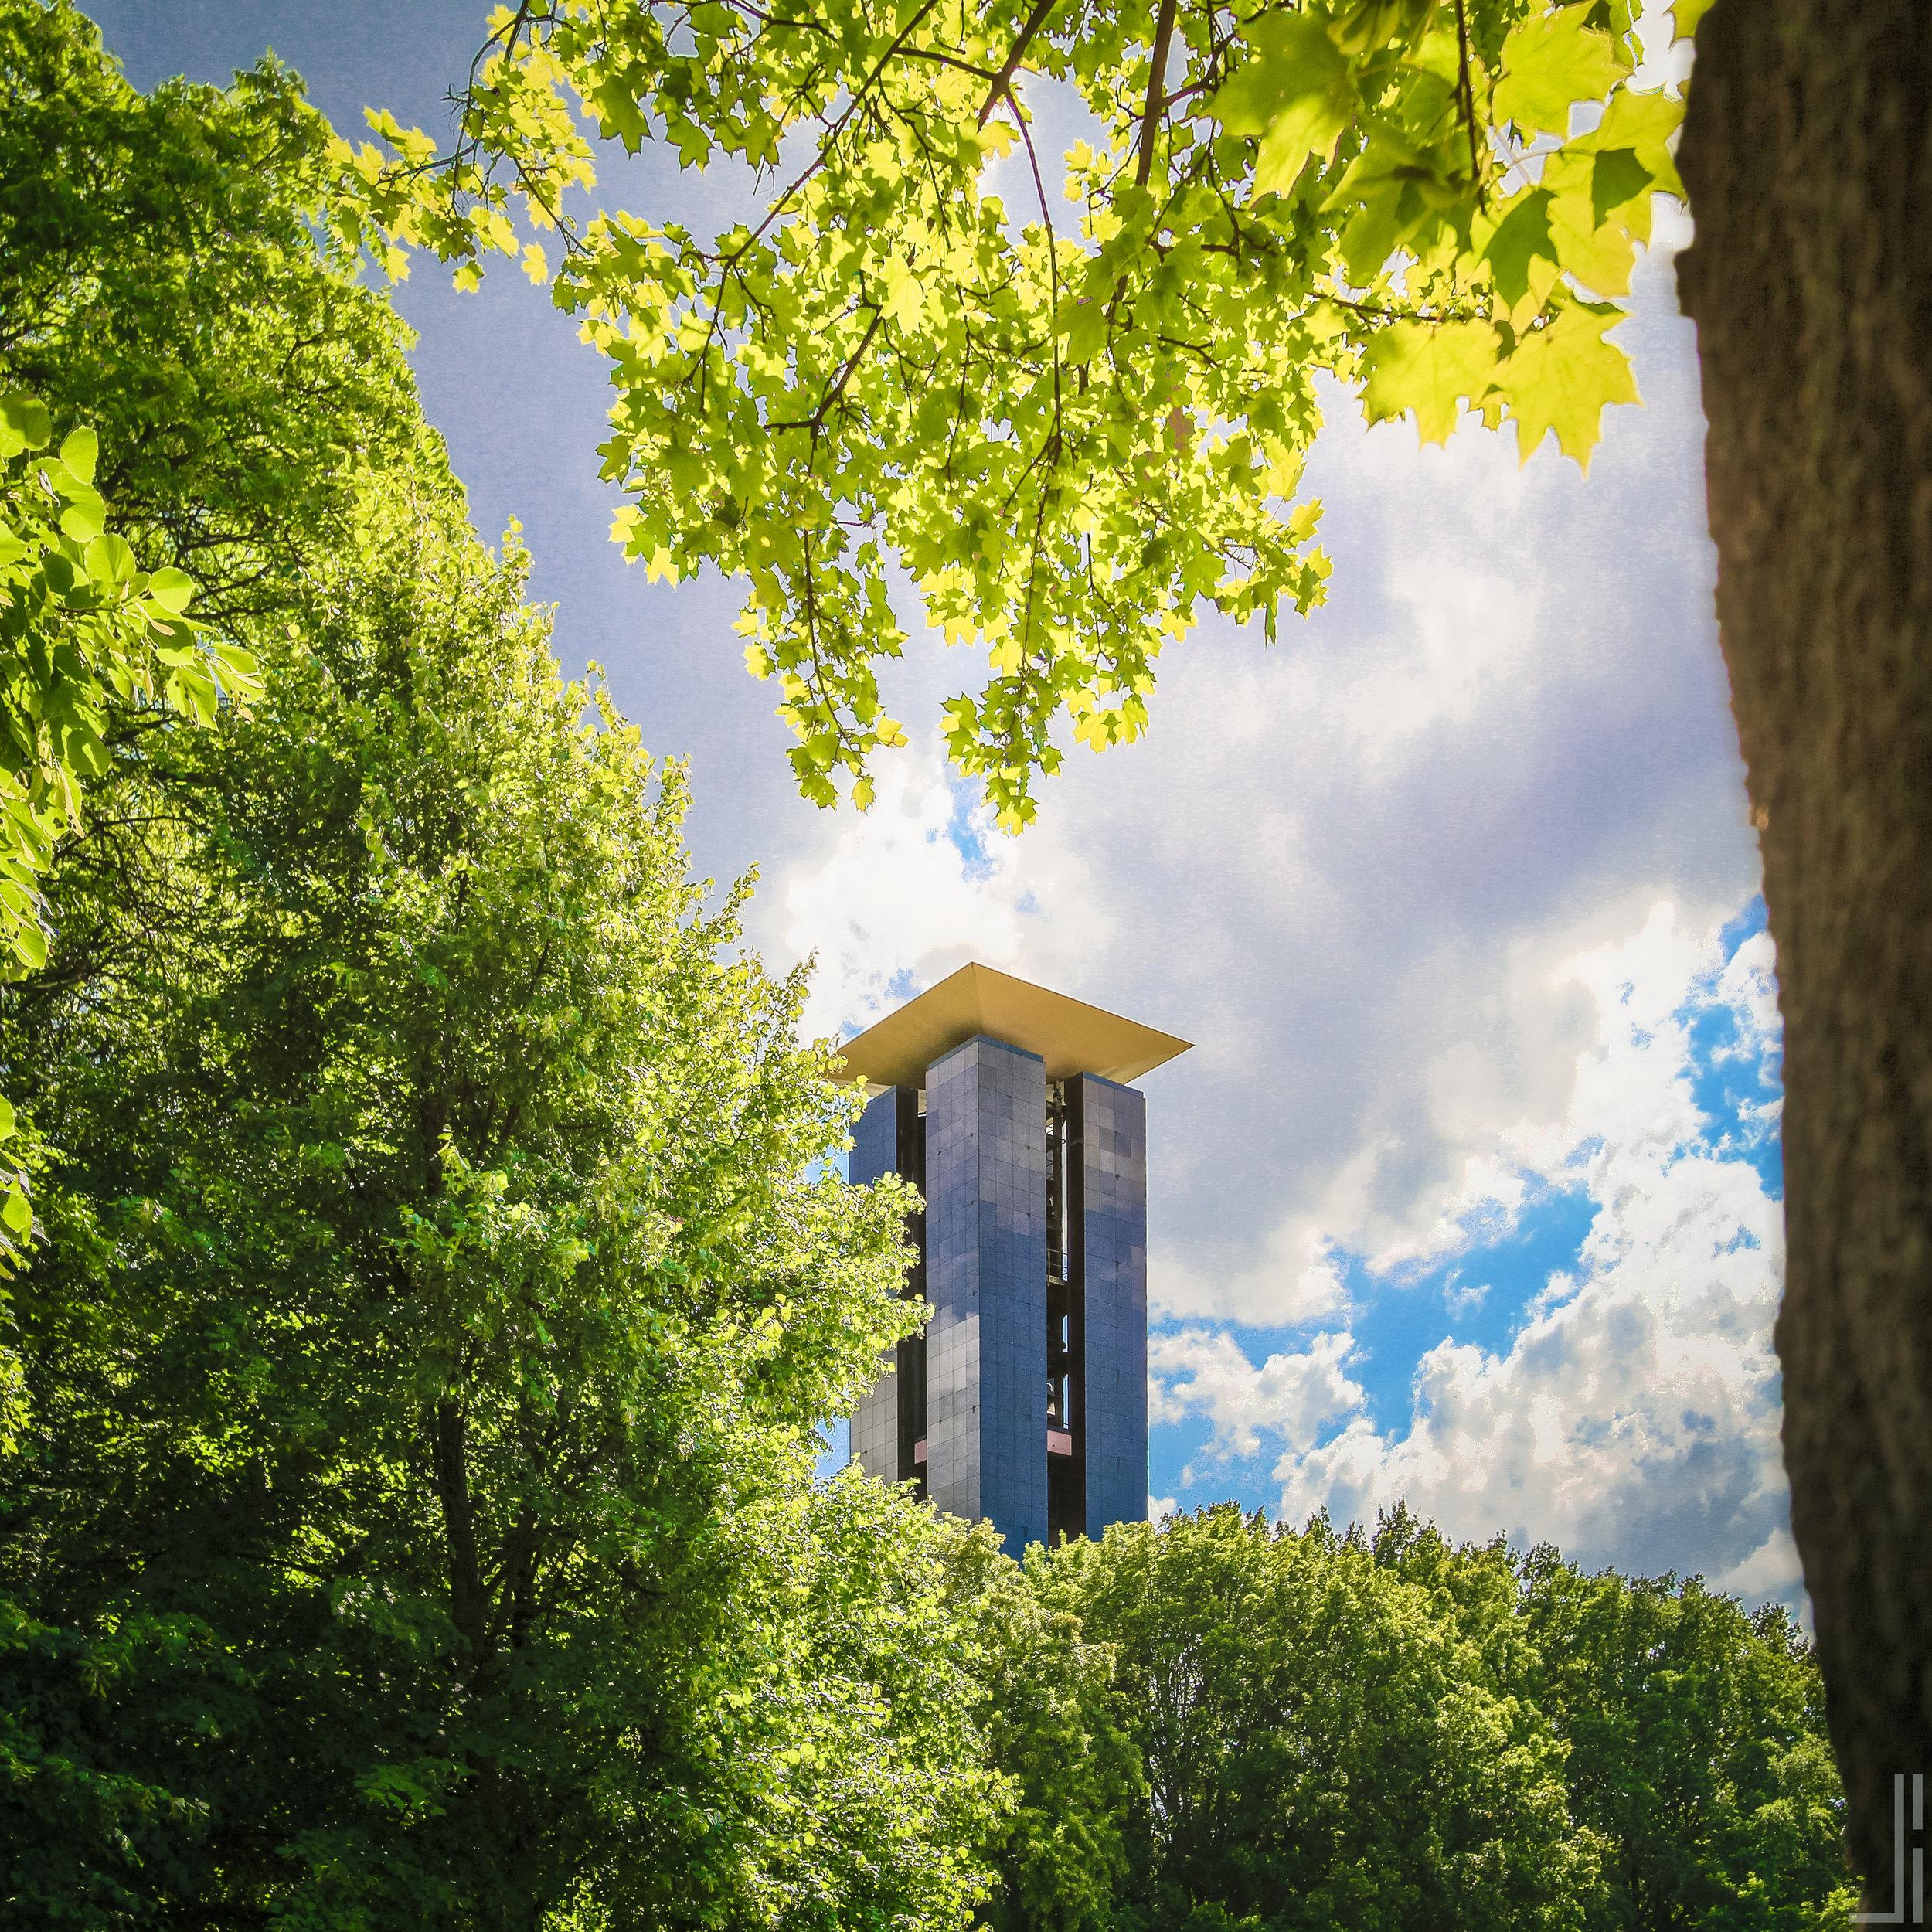 Carillon Tiergarten Berlijn - jbax